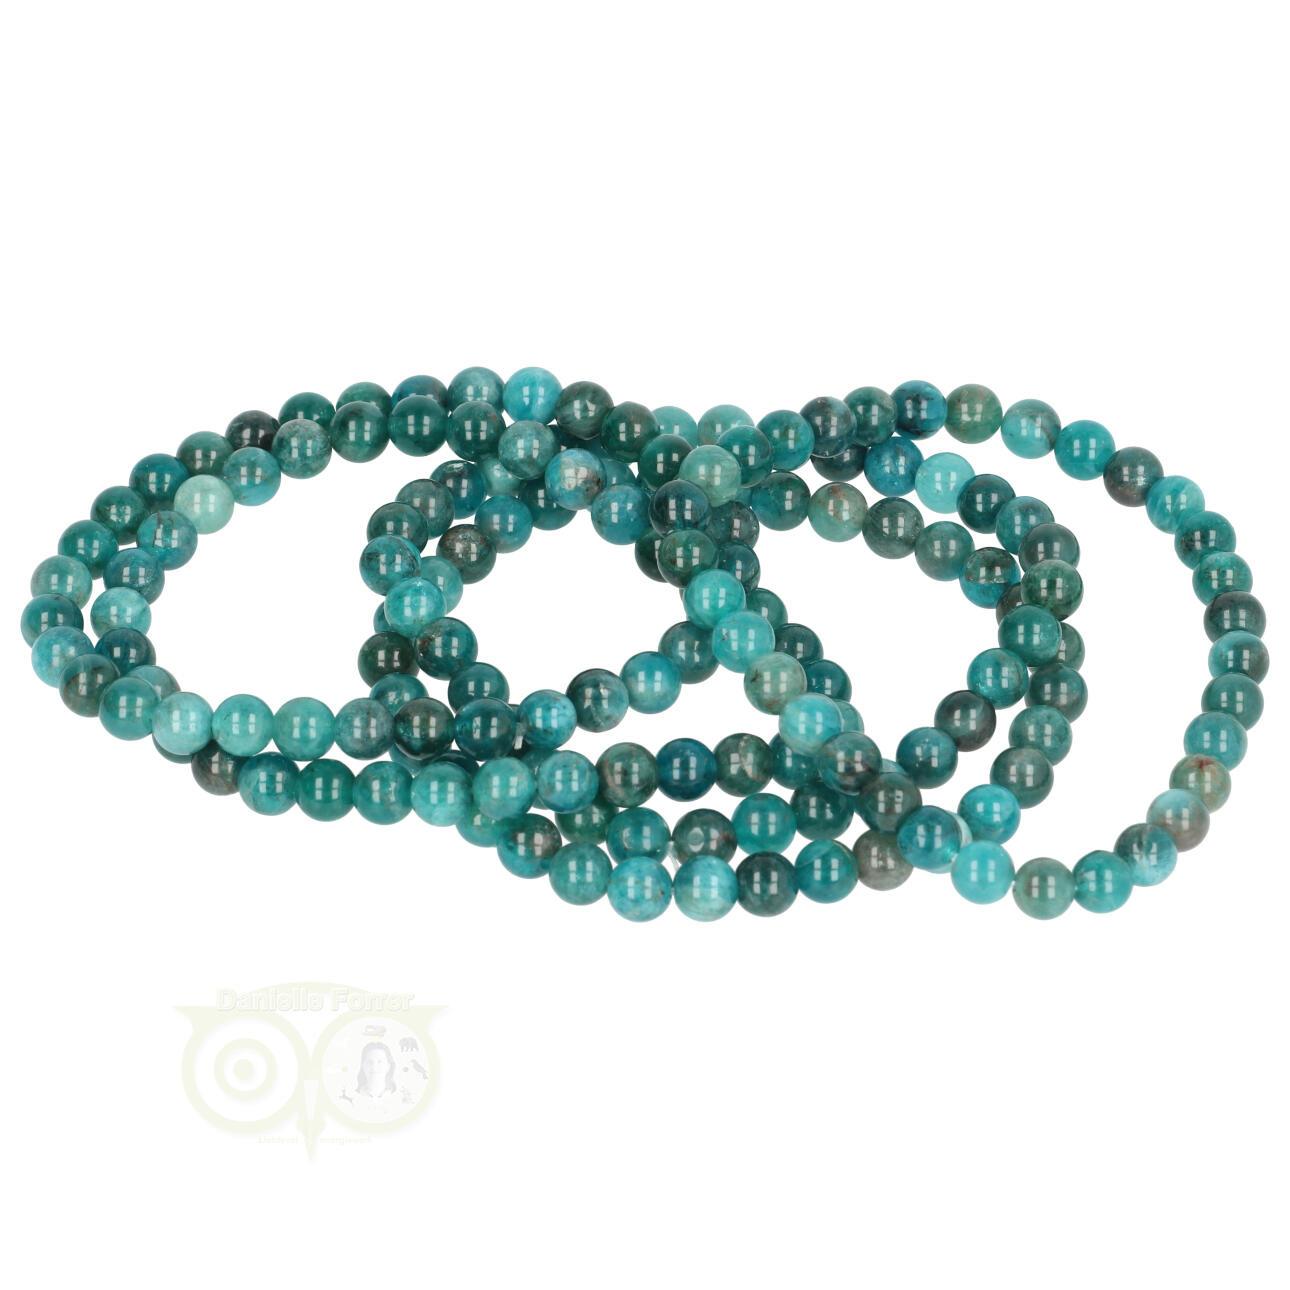 Blauwe apatiet edelstenen armbanden kopen - Edelstenen sieraden apatiet - Edelstenen Webwinkel - Webshop Danielle Forrer